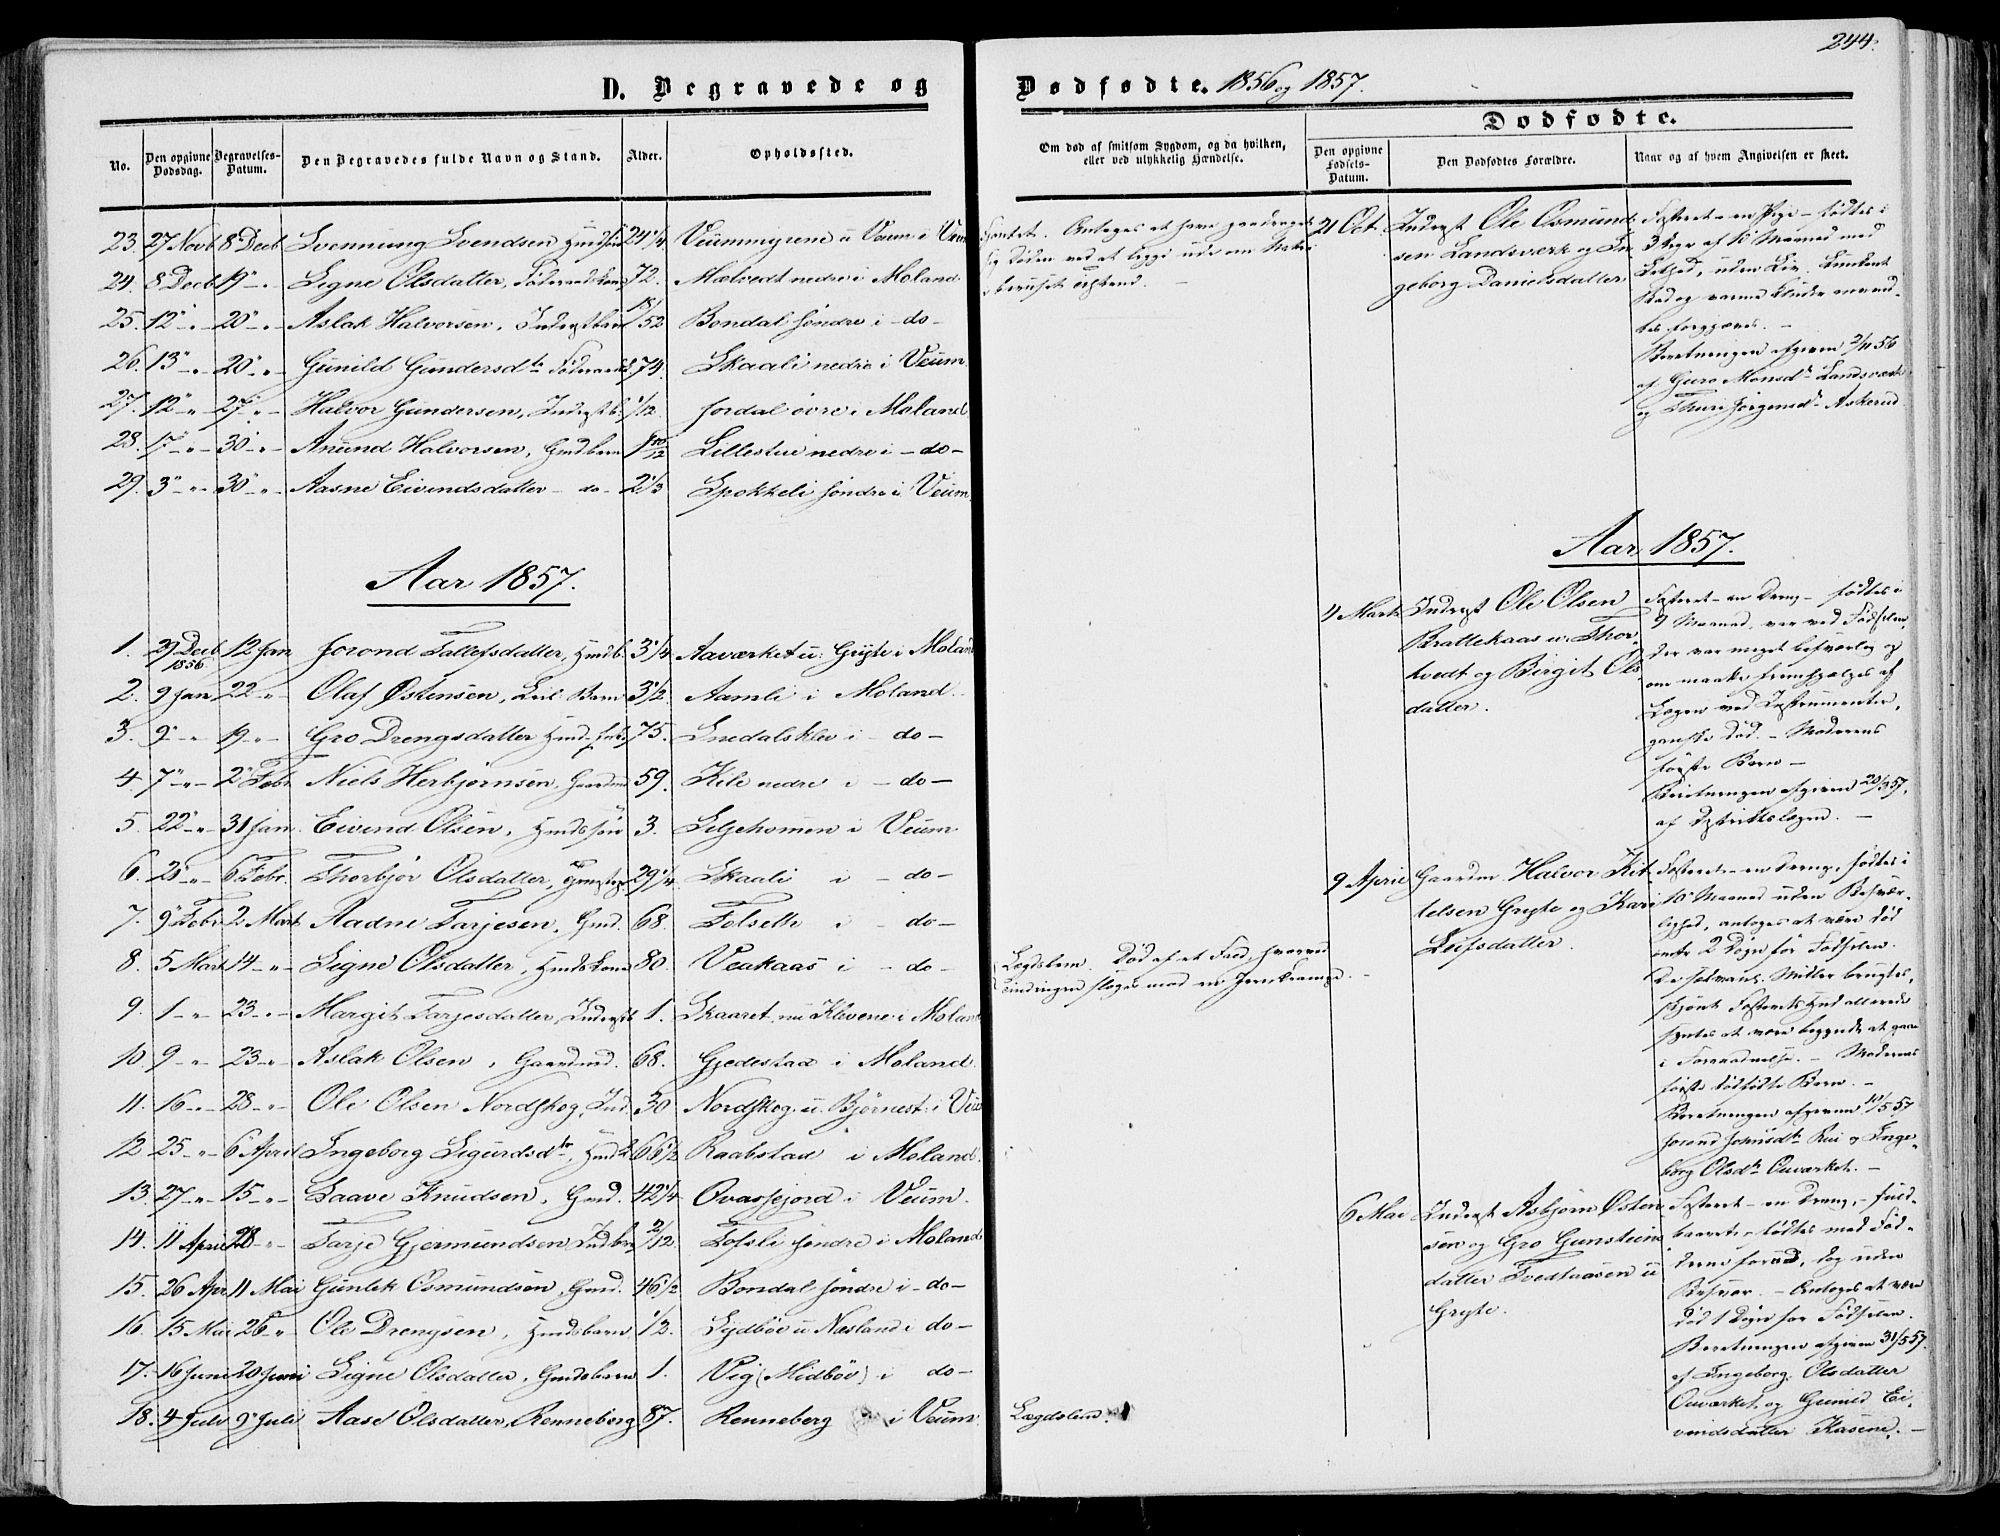 SAKO, Fyresdal kirkebøker, F/Fa/L0005: Ministerialbok nr. I 5, 1855-1871, s. 244